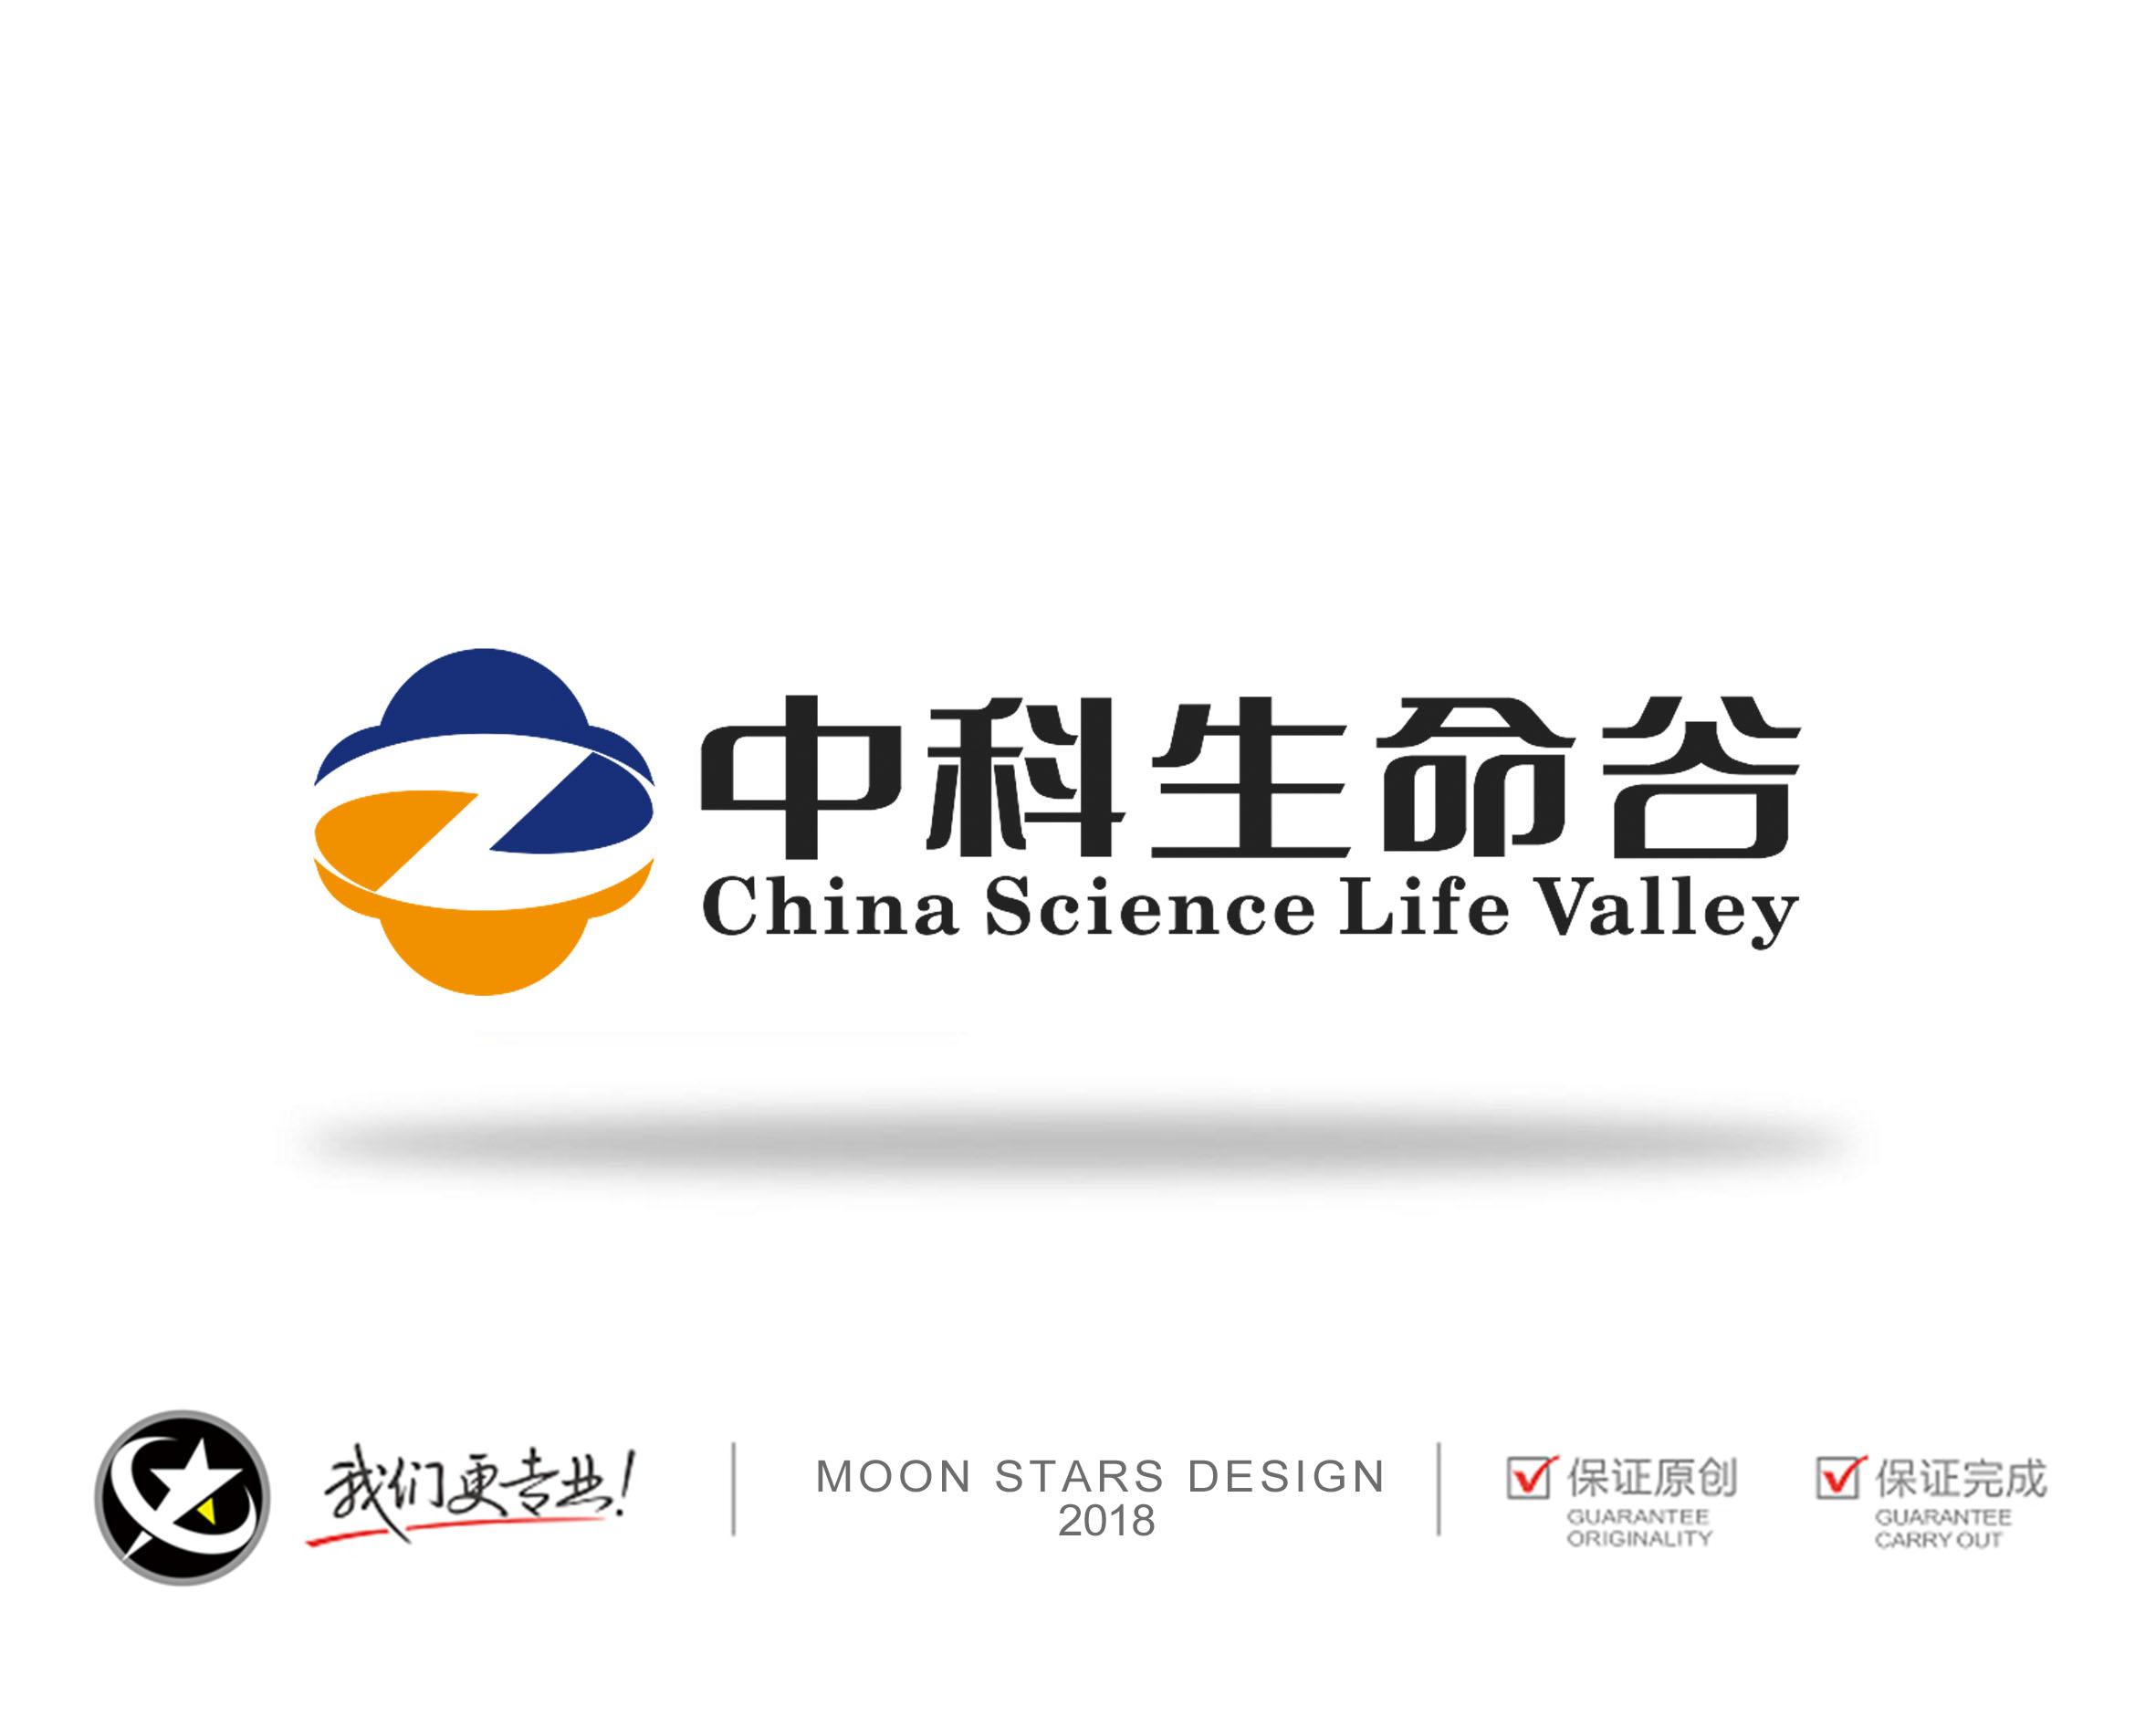 中科生命谷科技LOGO设计_3021512_k68威客网